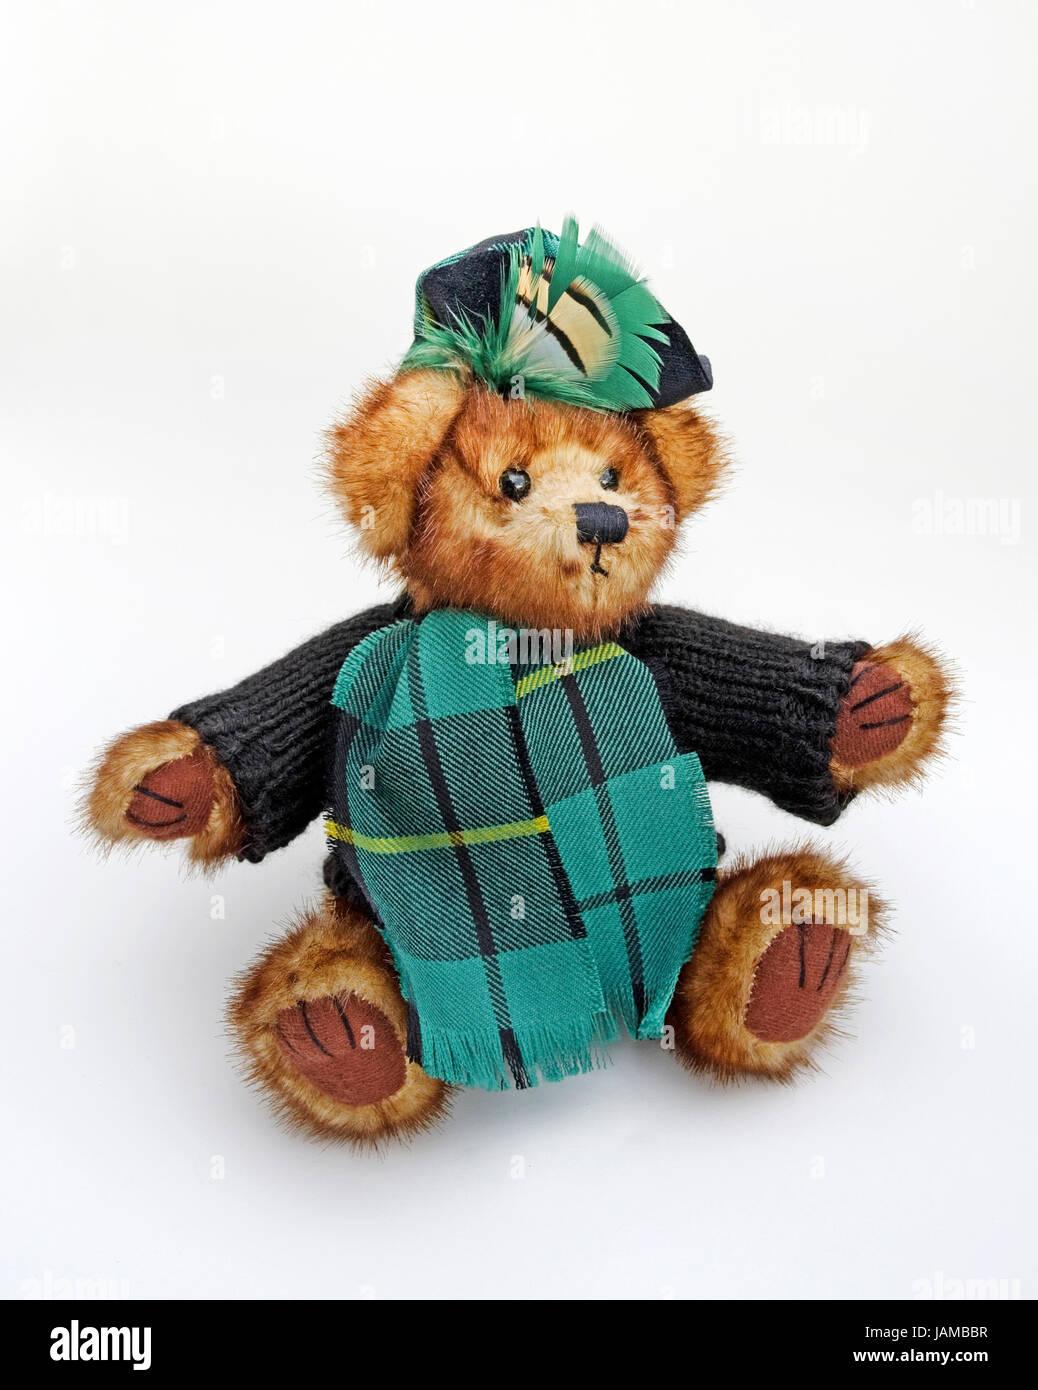 Câlin mignon ourson écossais portant Écharpe de tartan, cavalier laineux, et beret tartan avec panache Photo Stock